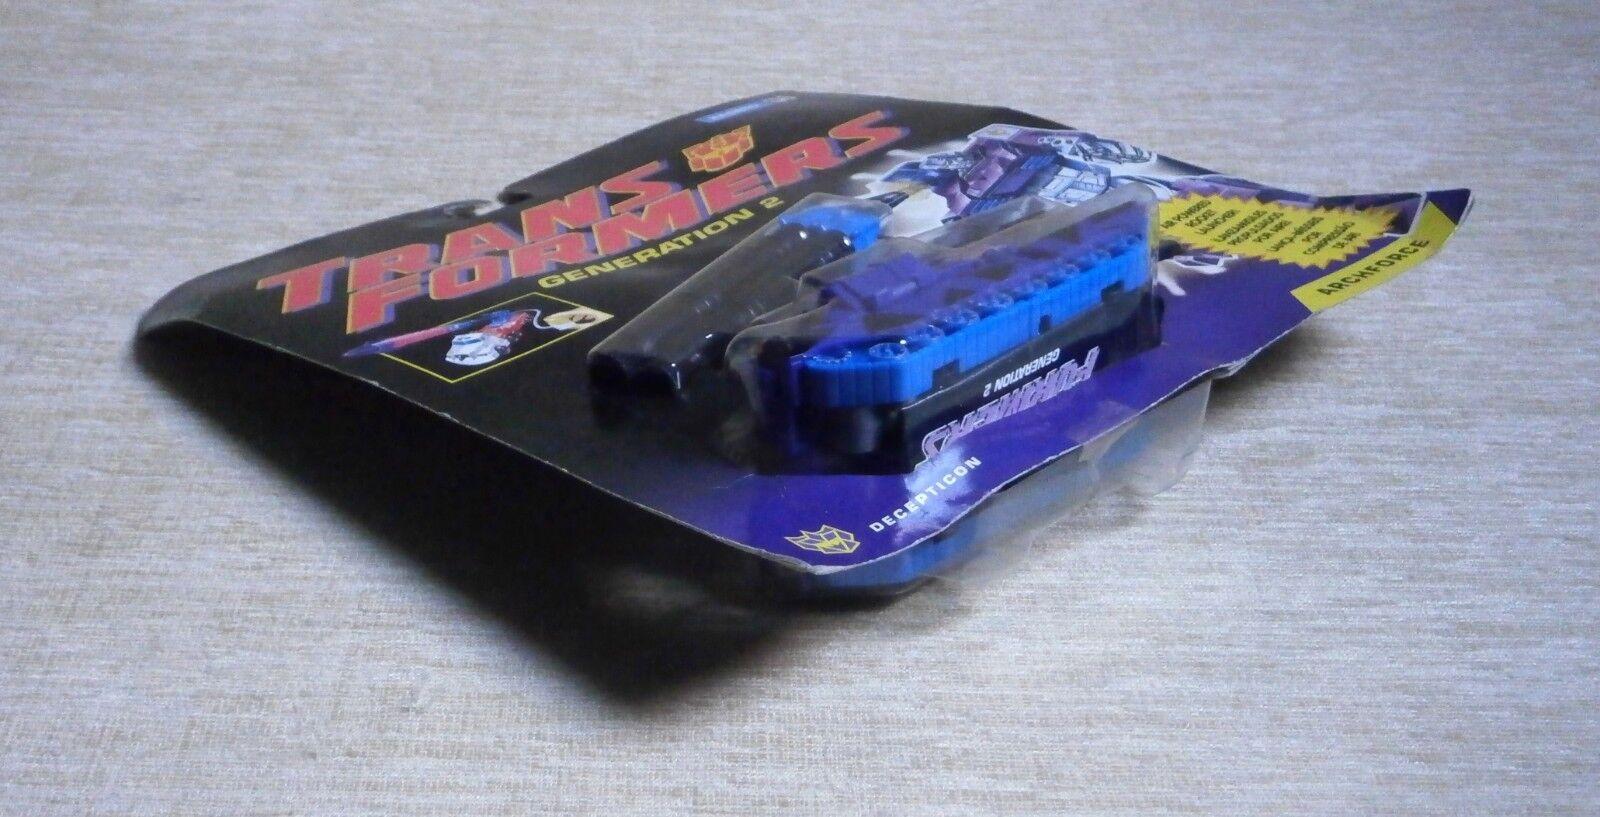 Transformers  archforce  maggior parte dei dei dei HASBRO 1993 Vintage Nuovo di zecca SU autoTA SIGILLATO 4f28c8